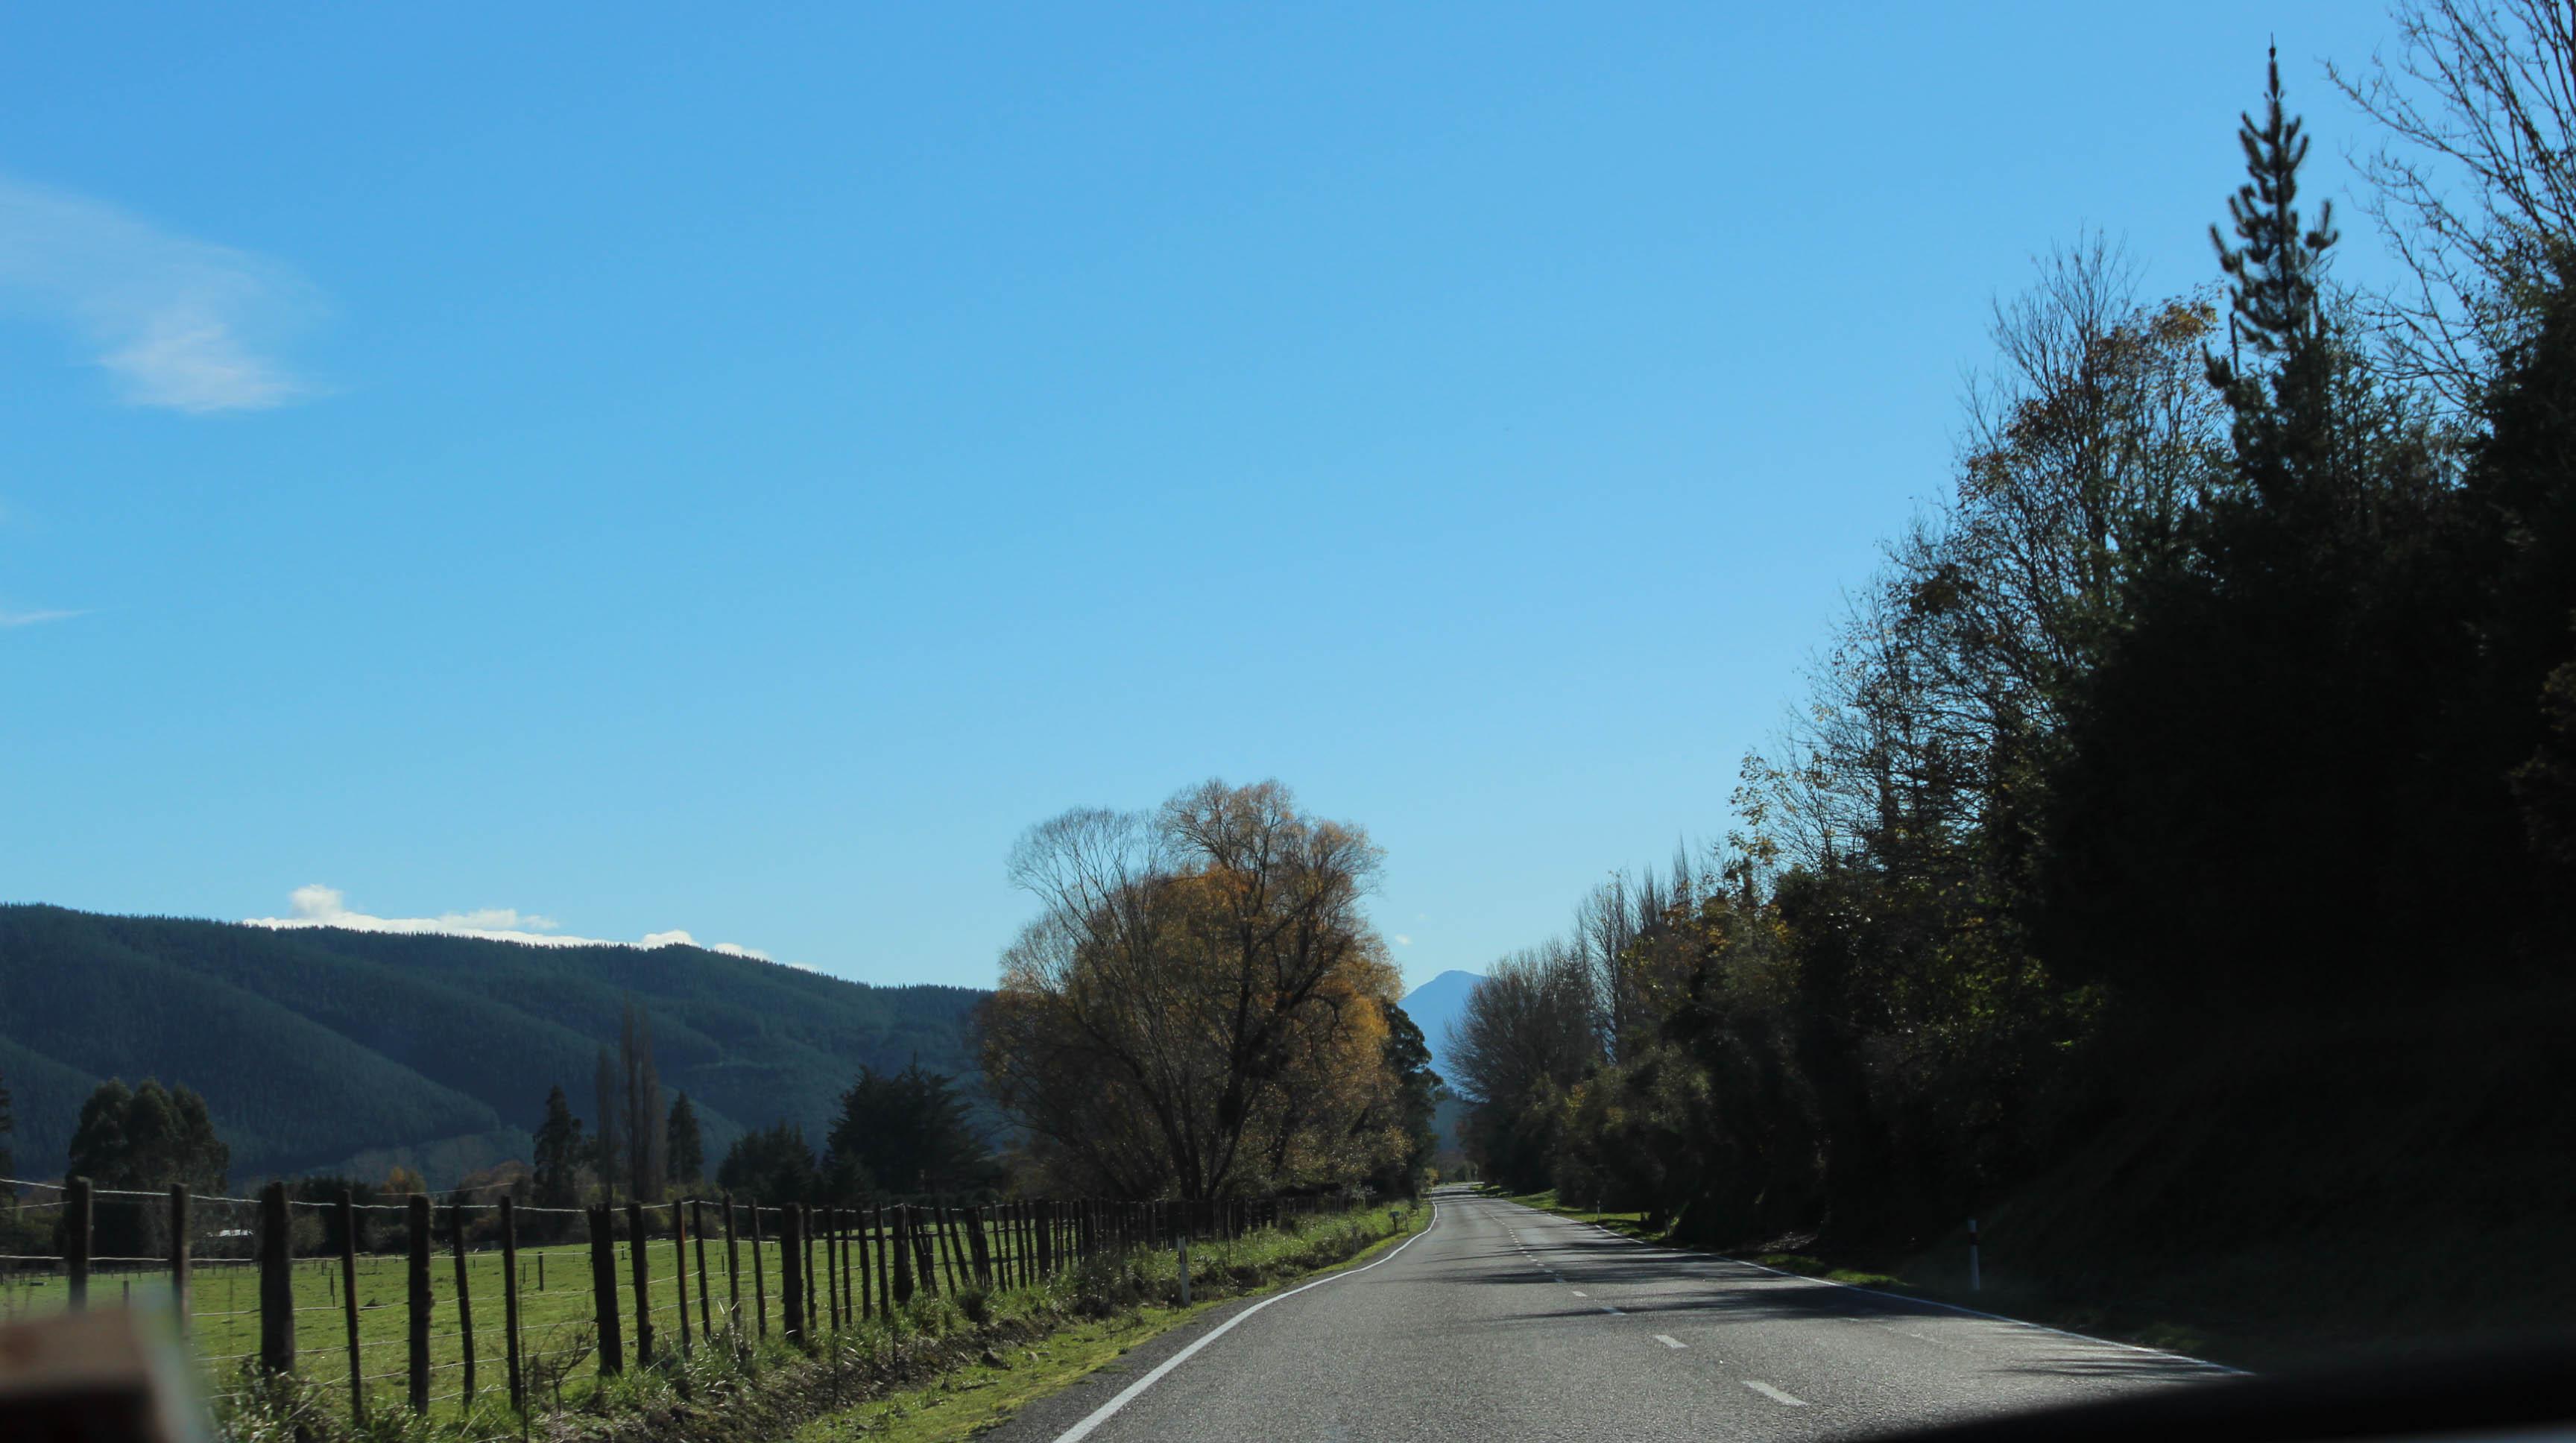 Nouvelle Zélande - Nelson & buller gorge swingbridge - les lubies de Louise (13 sur 42)